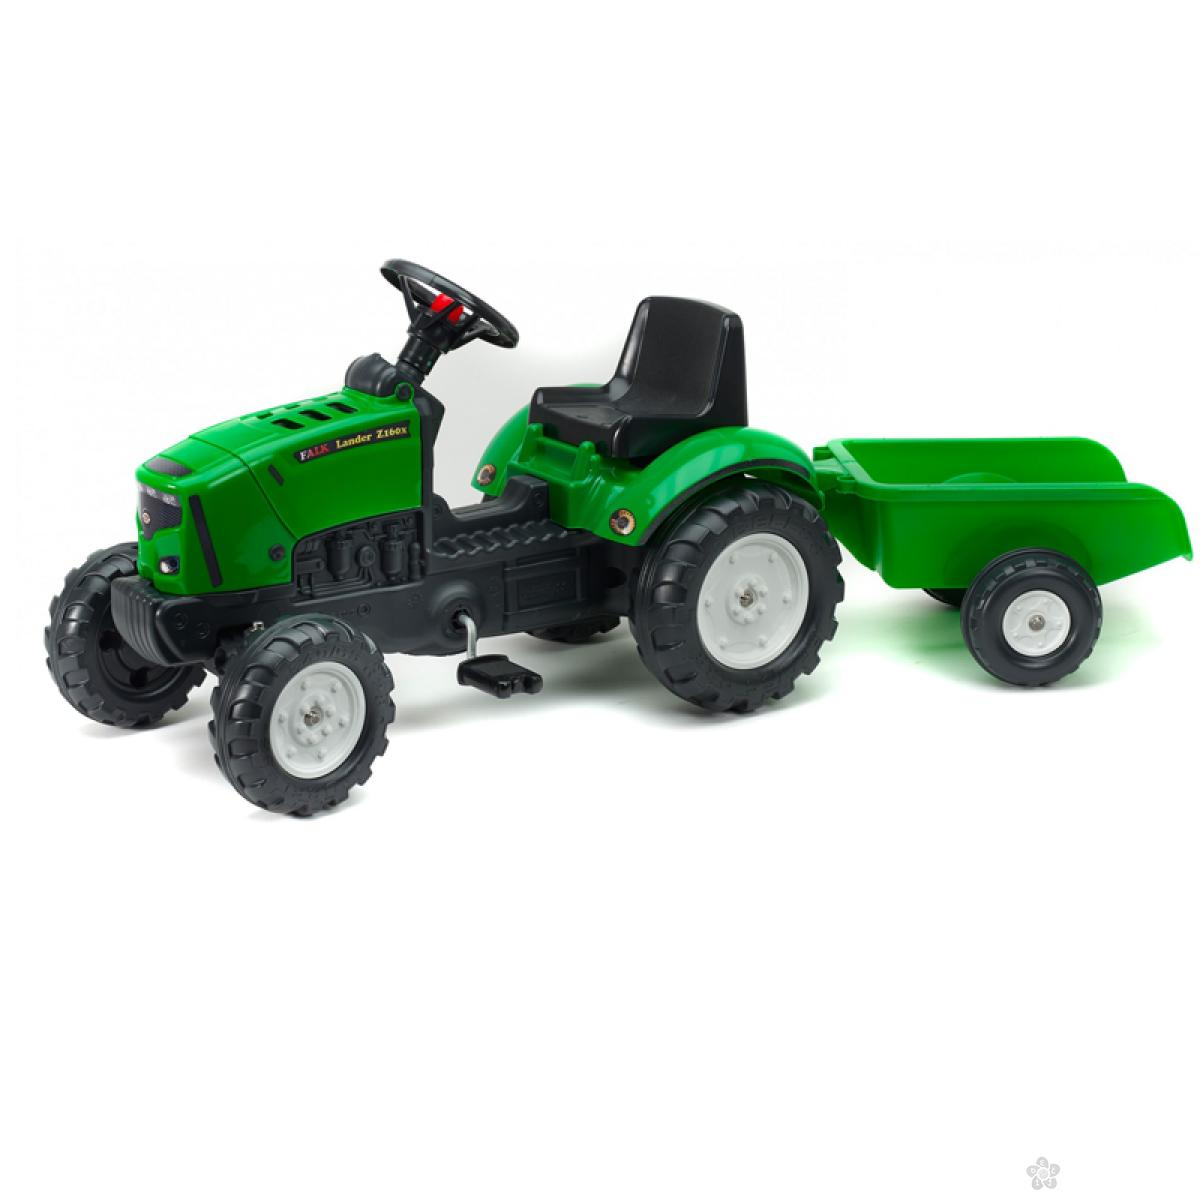 Guralica Falk Traktor Lander sa prikolicom 2031a